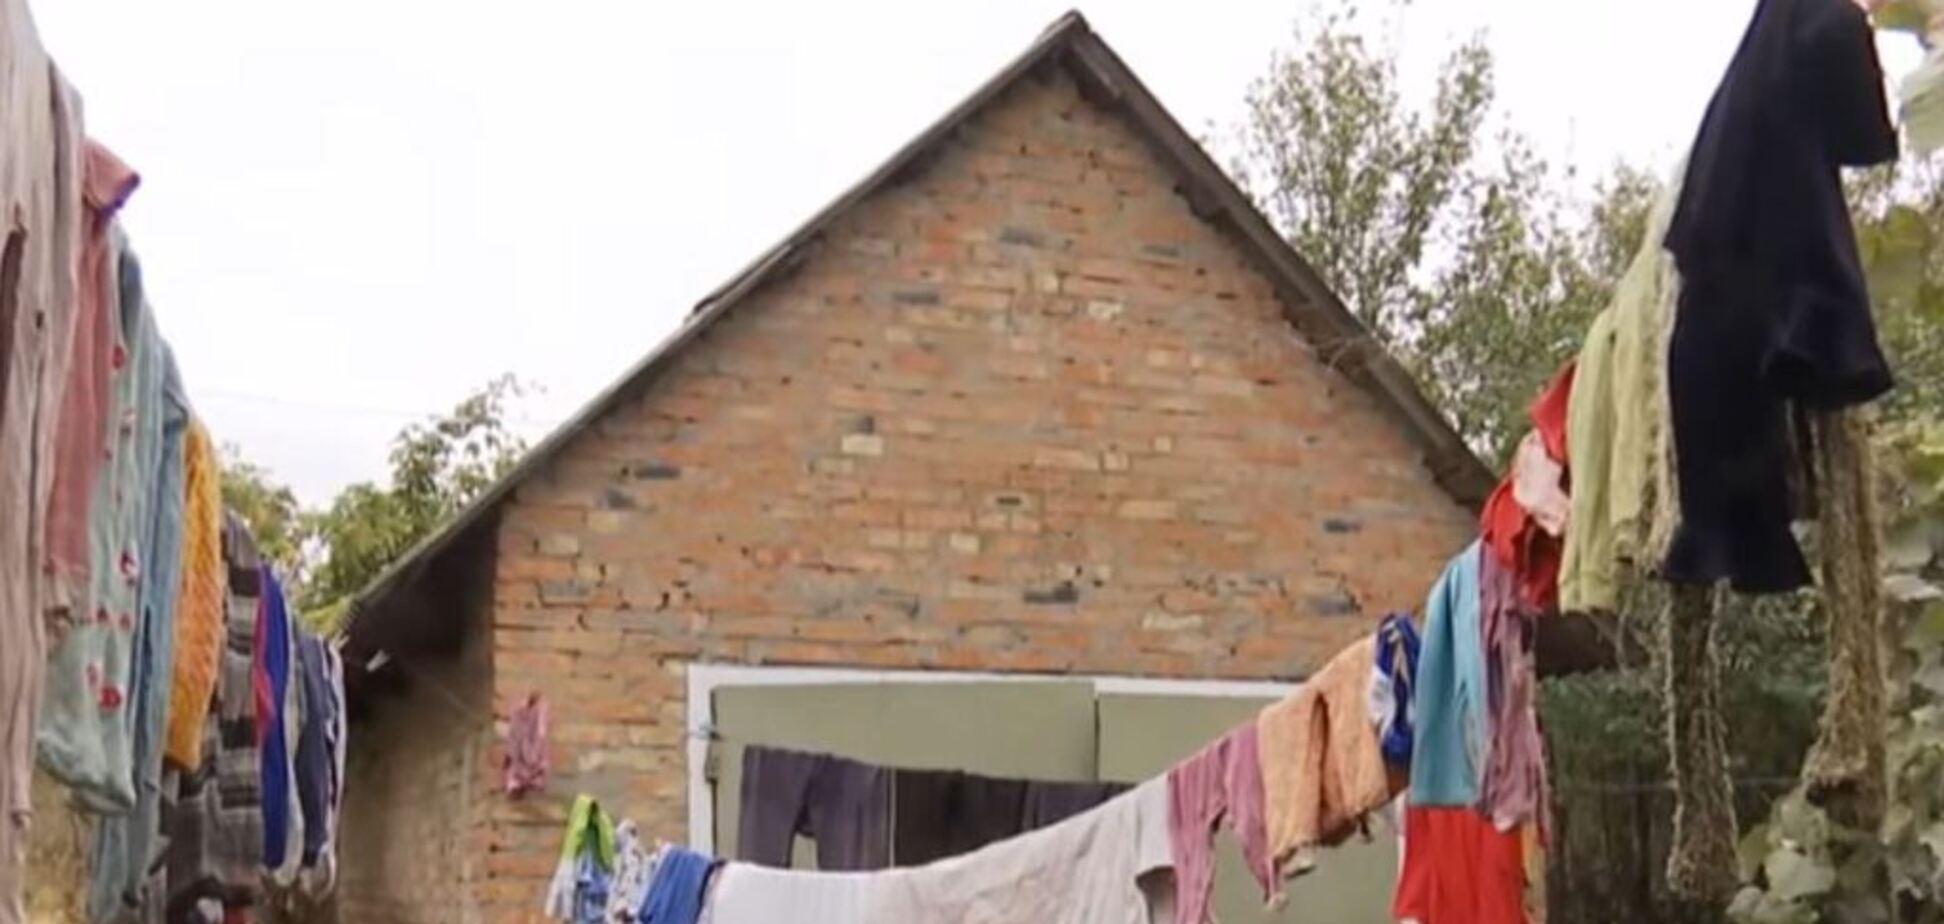 Упав на дитину і розчавив: на Кіровоградщині трапилася трагедія